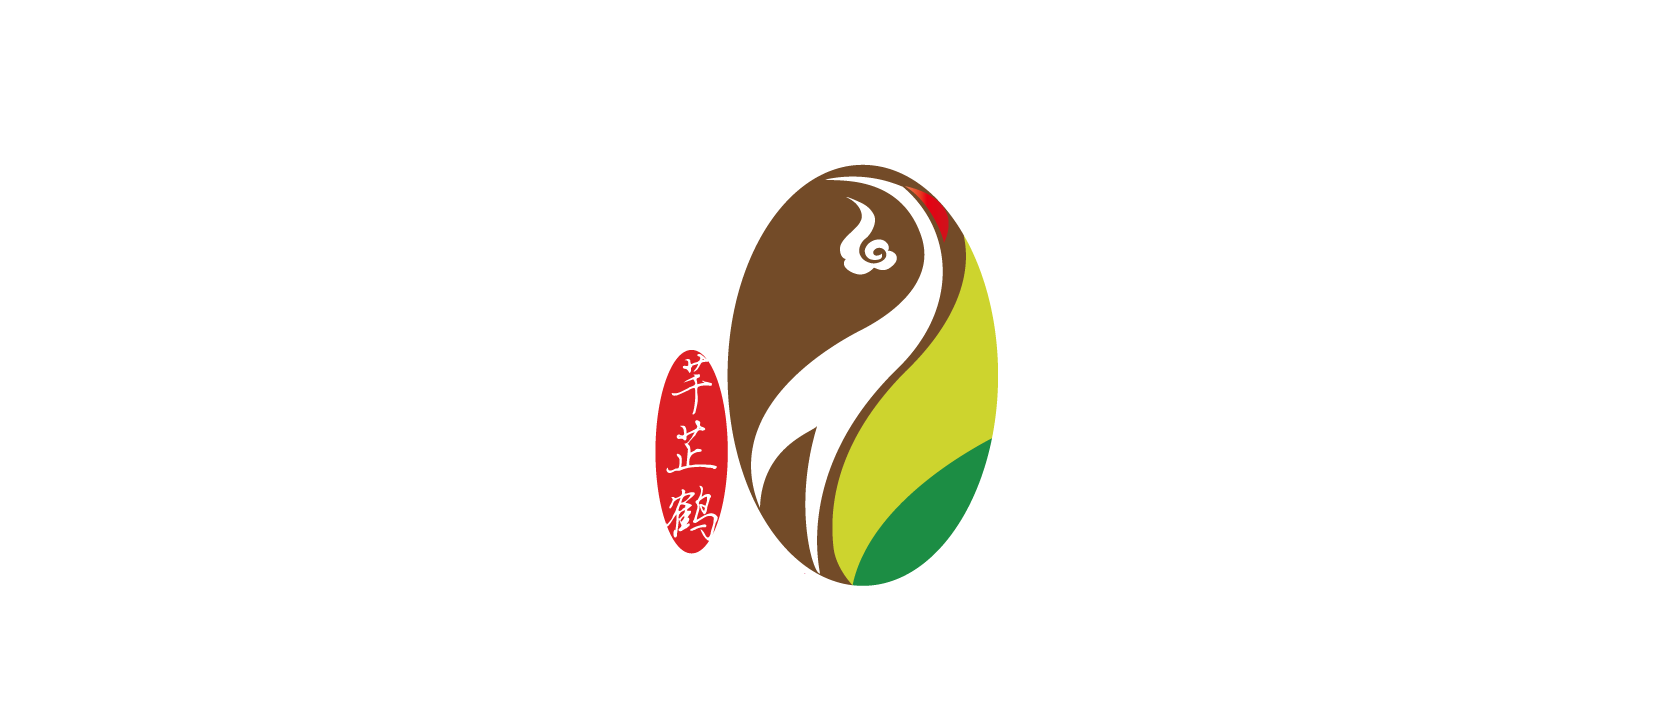 南京芊芷鹤工艺品有限公司 求logo一枚